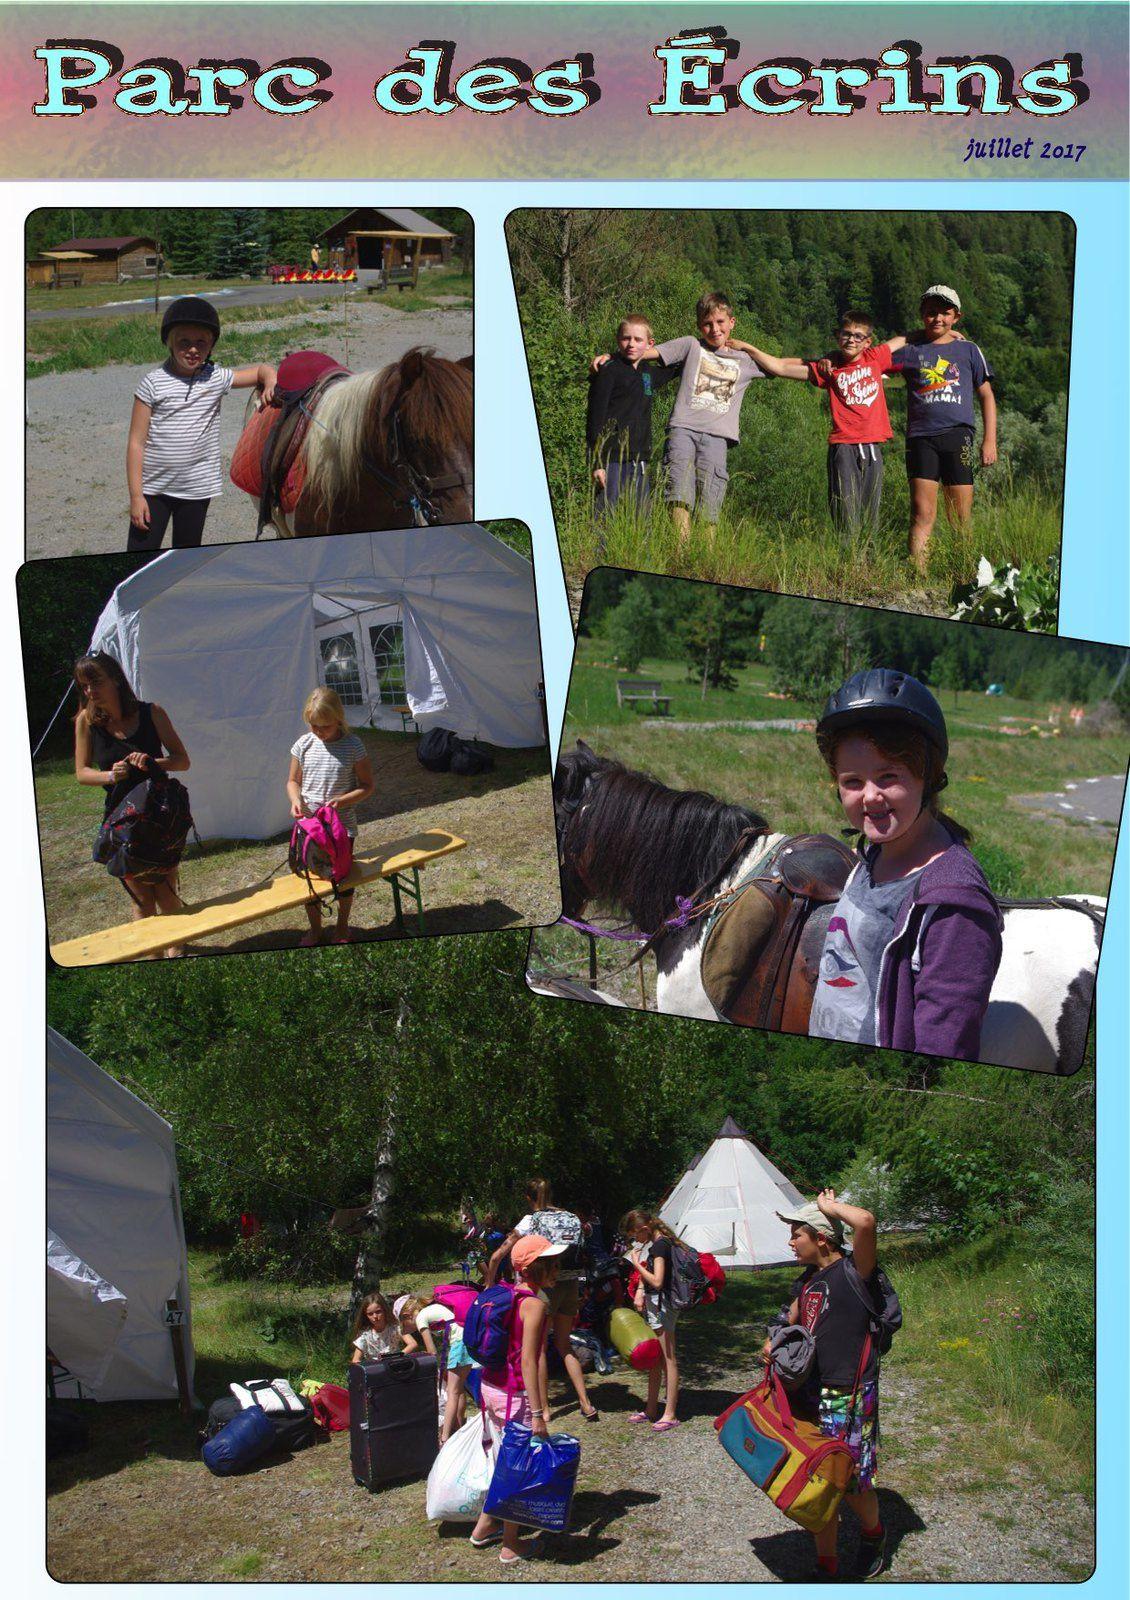 Les aventures des Enfants au Camping